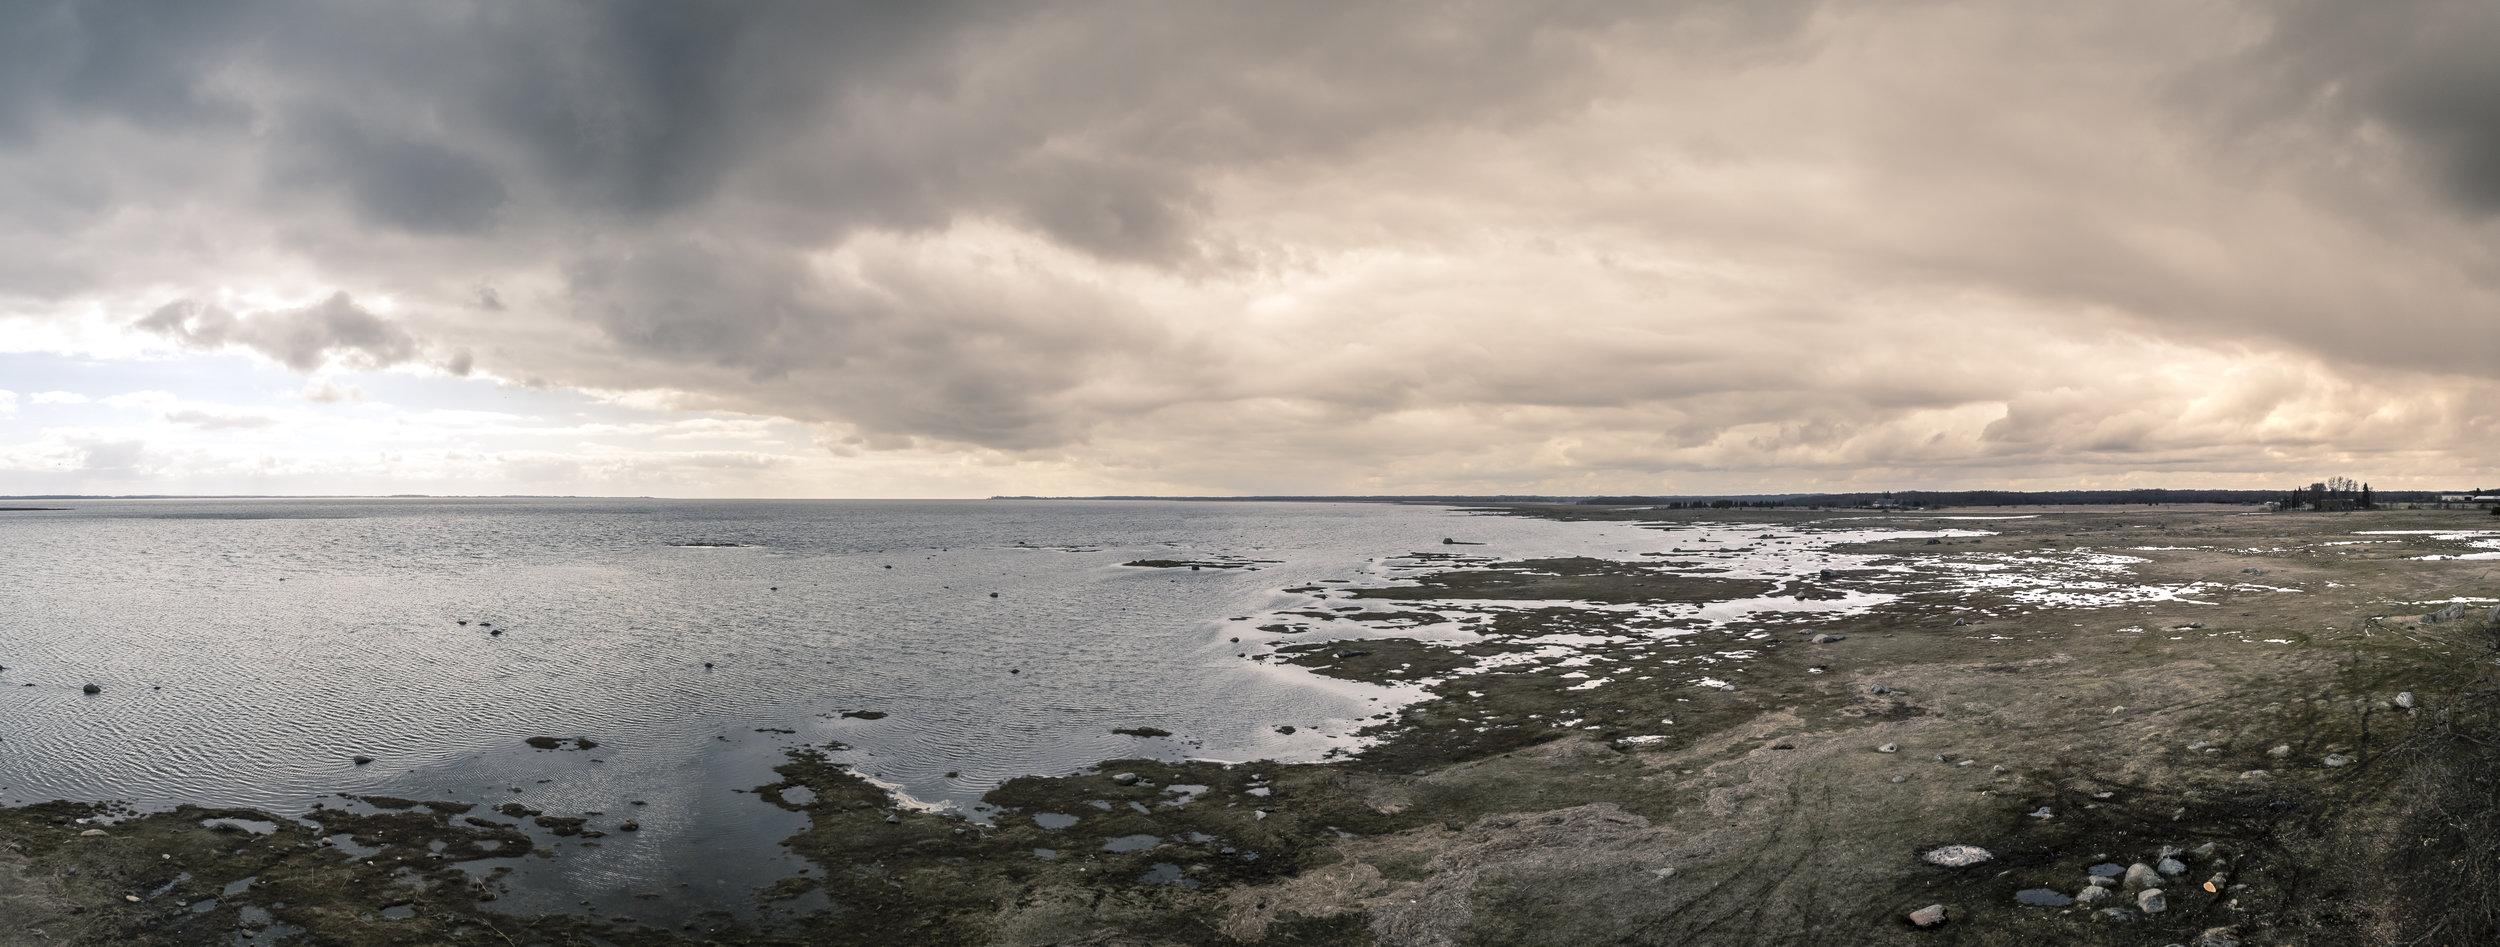 Estonia-22.jpg